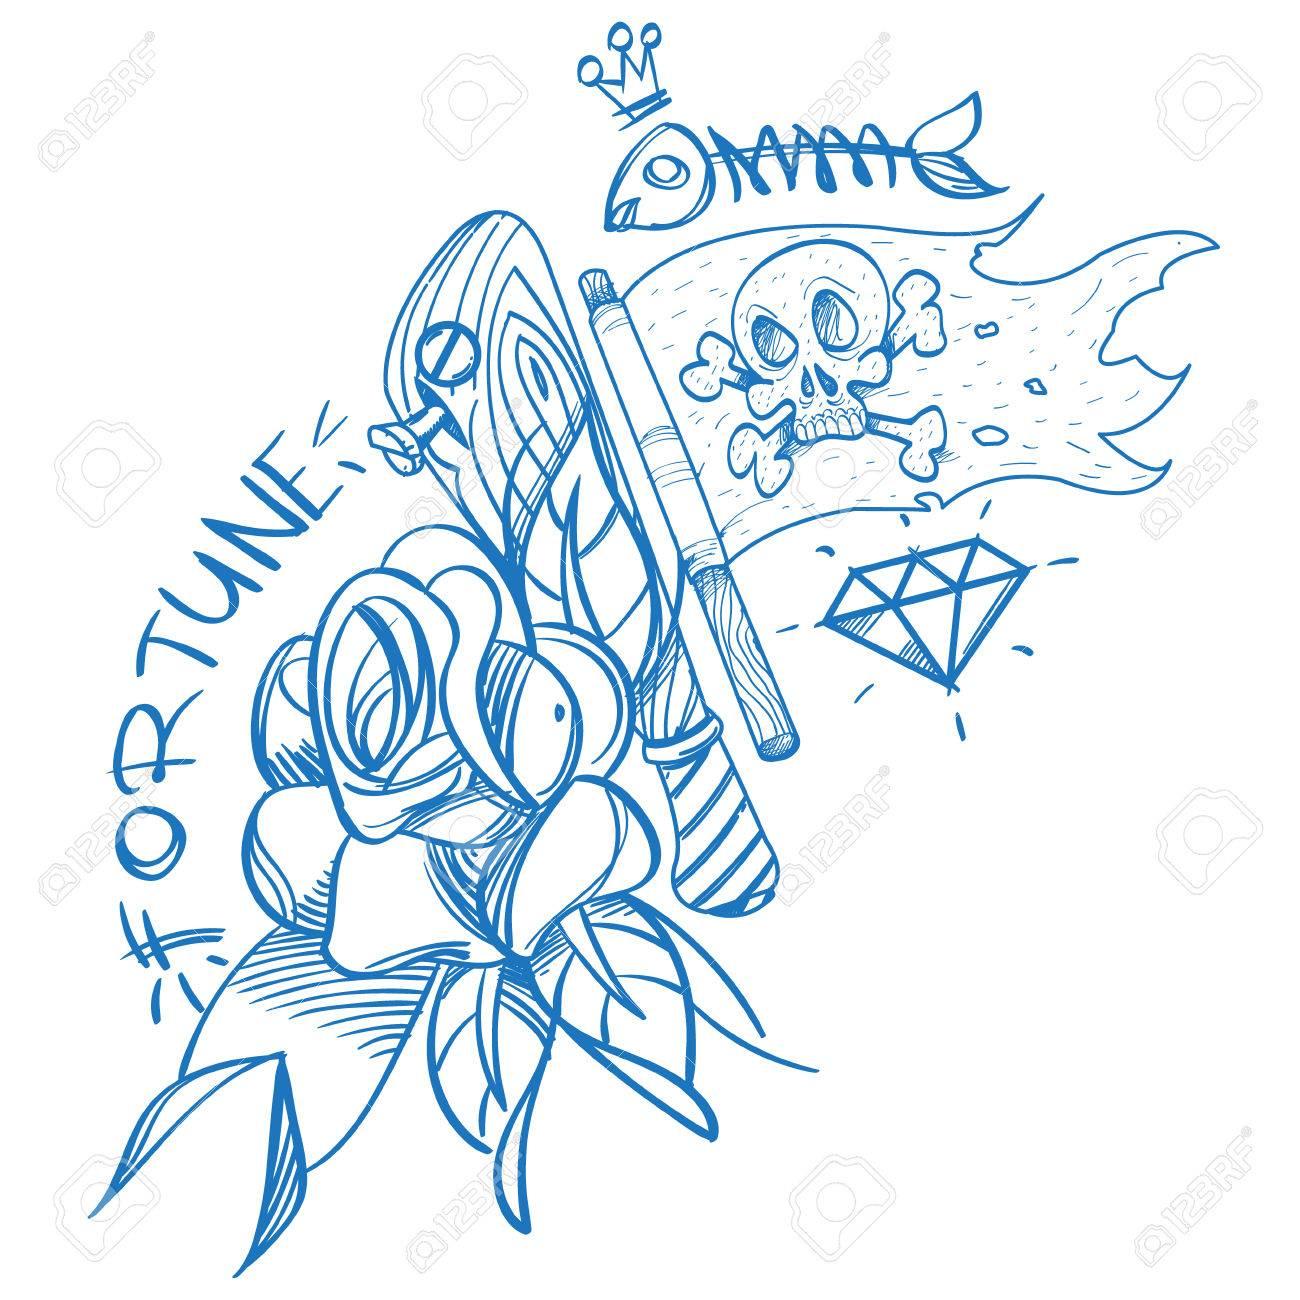 Boceto Del Tatuaje Con Una Daga Y Rosas Ilustración Del Esquema Para Colorear Con El Jolly Roger Dibujo De Un Pirata Y Flores Para Camisetas De